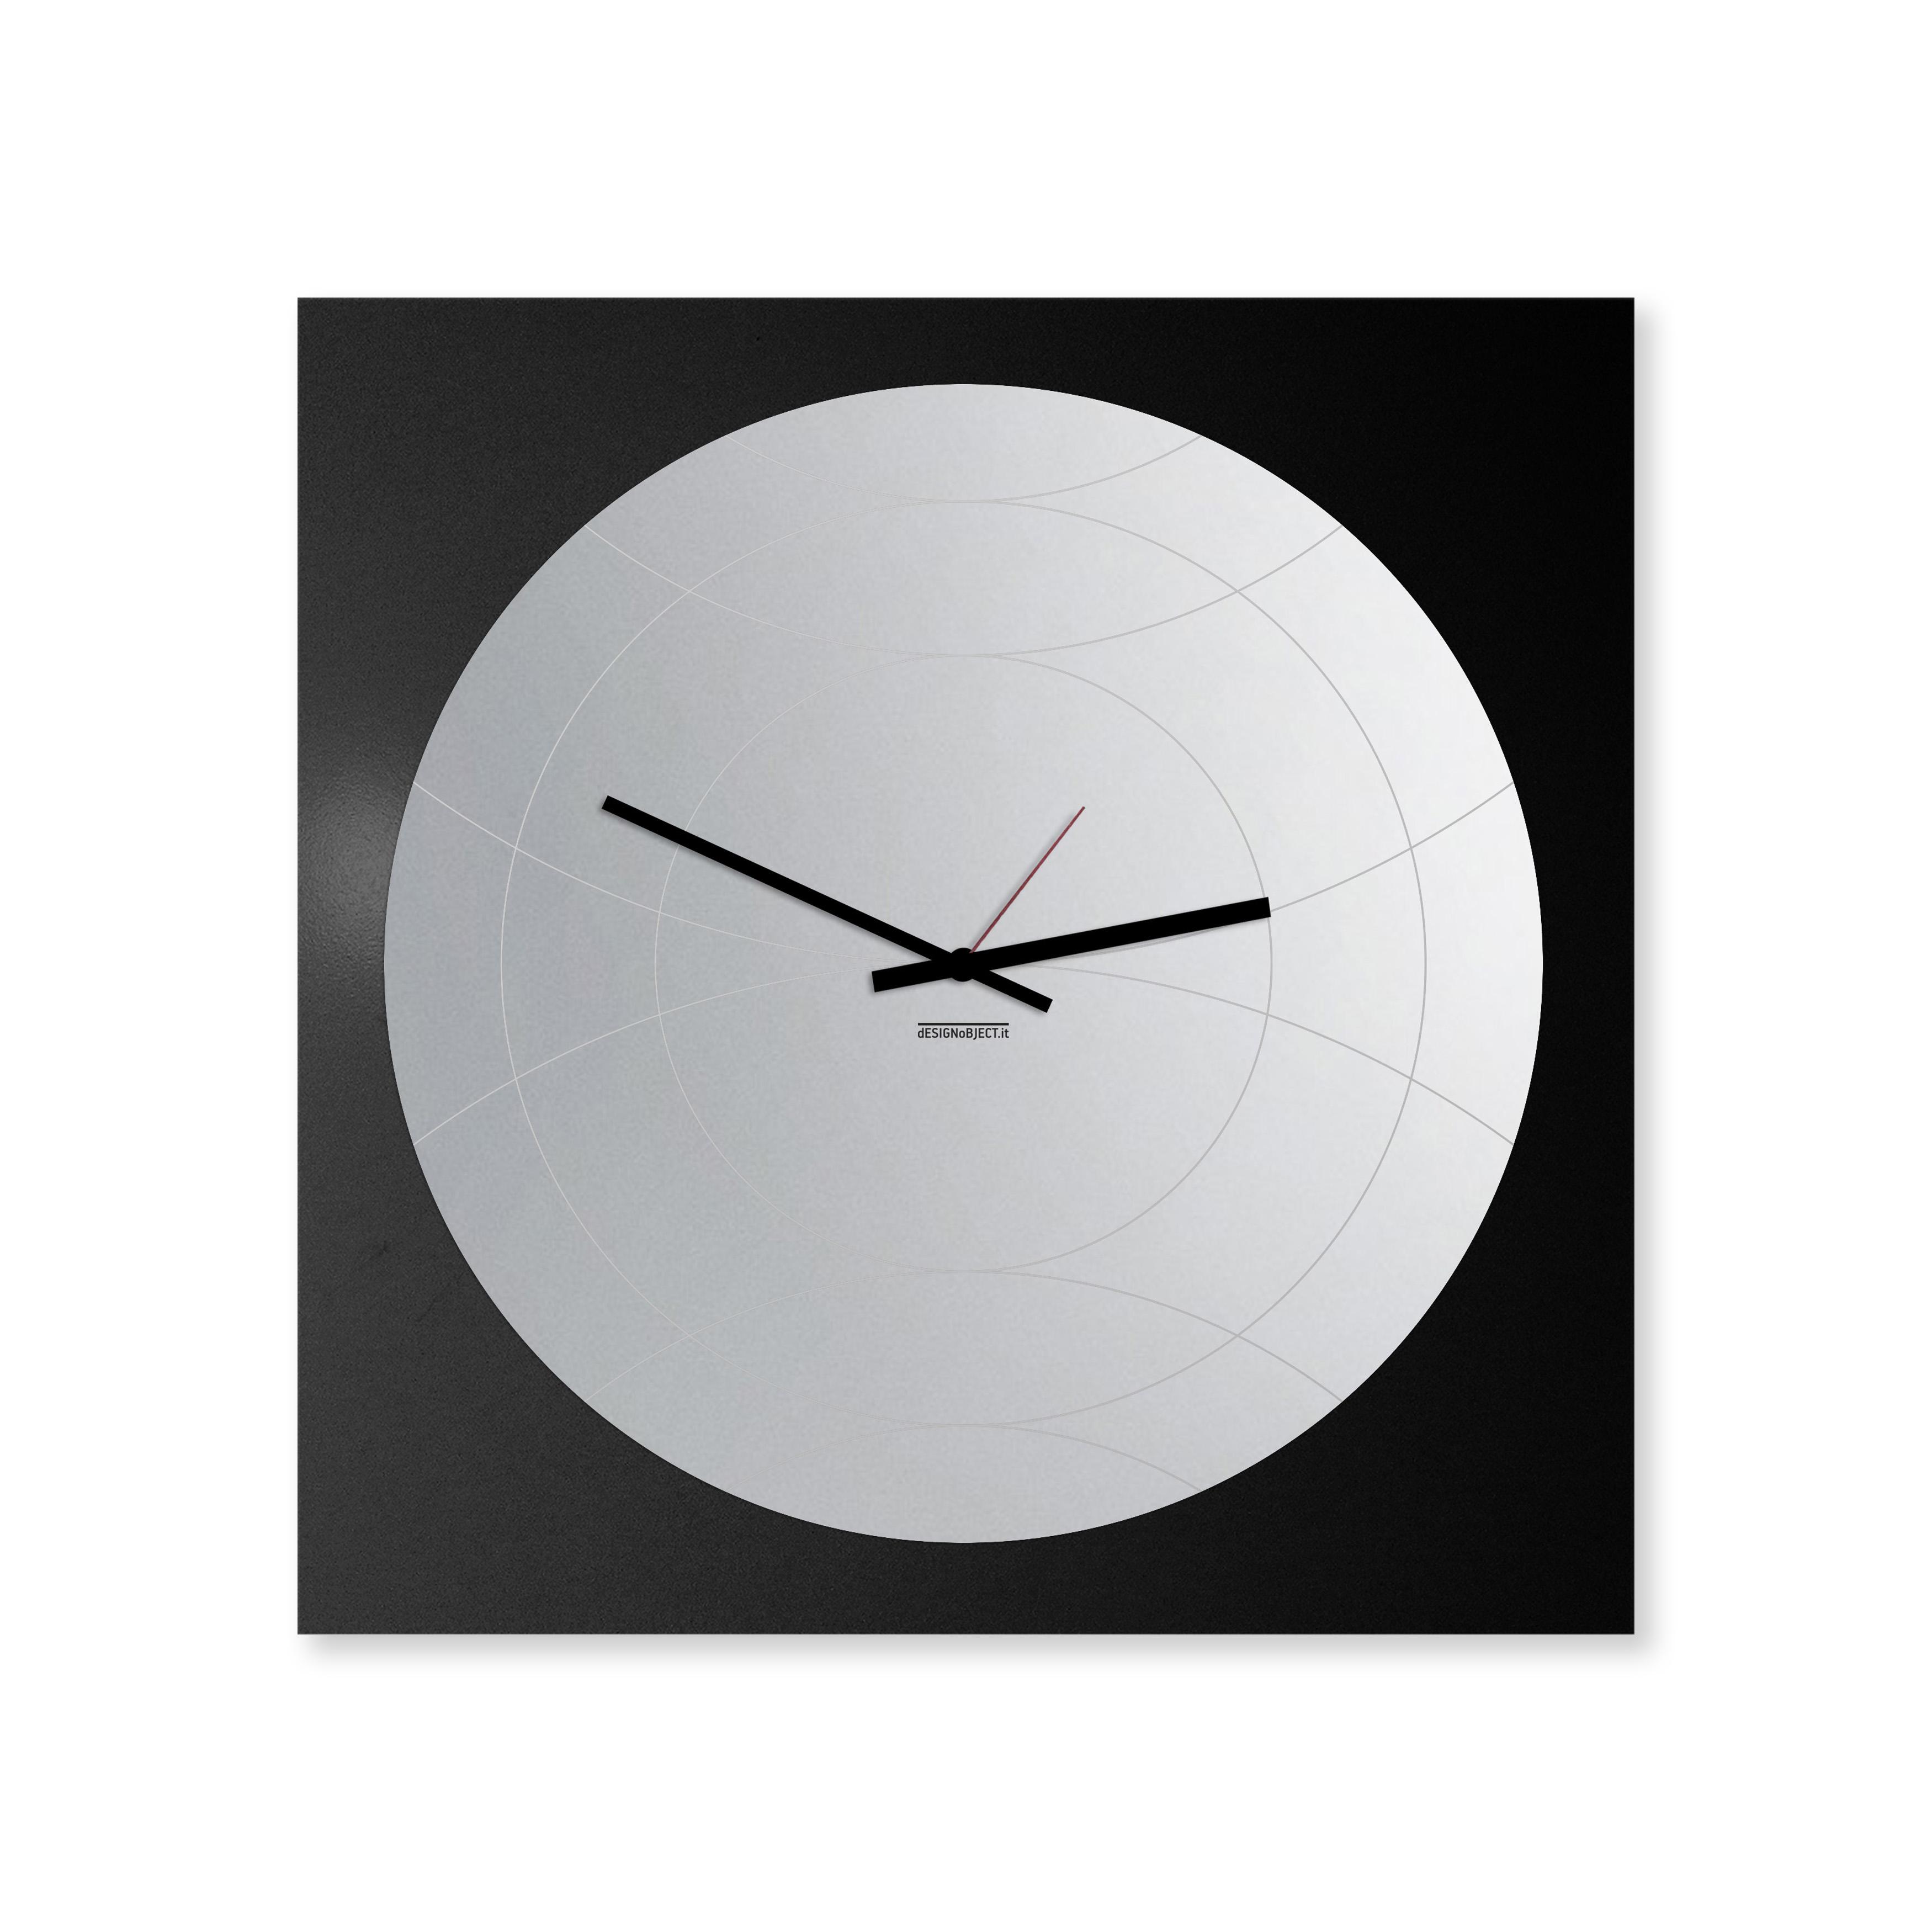 Orologio Specchio di Design